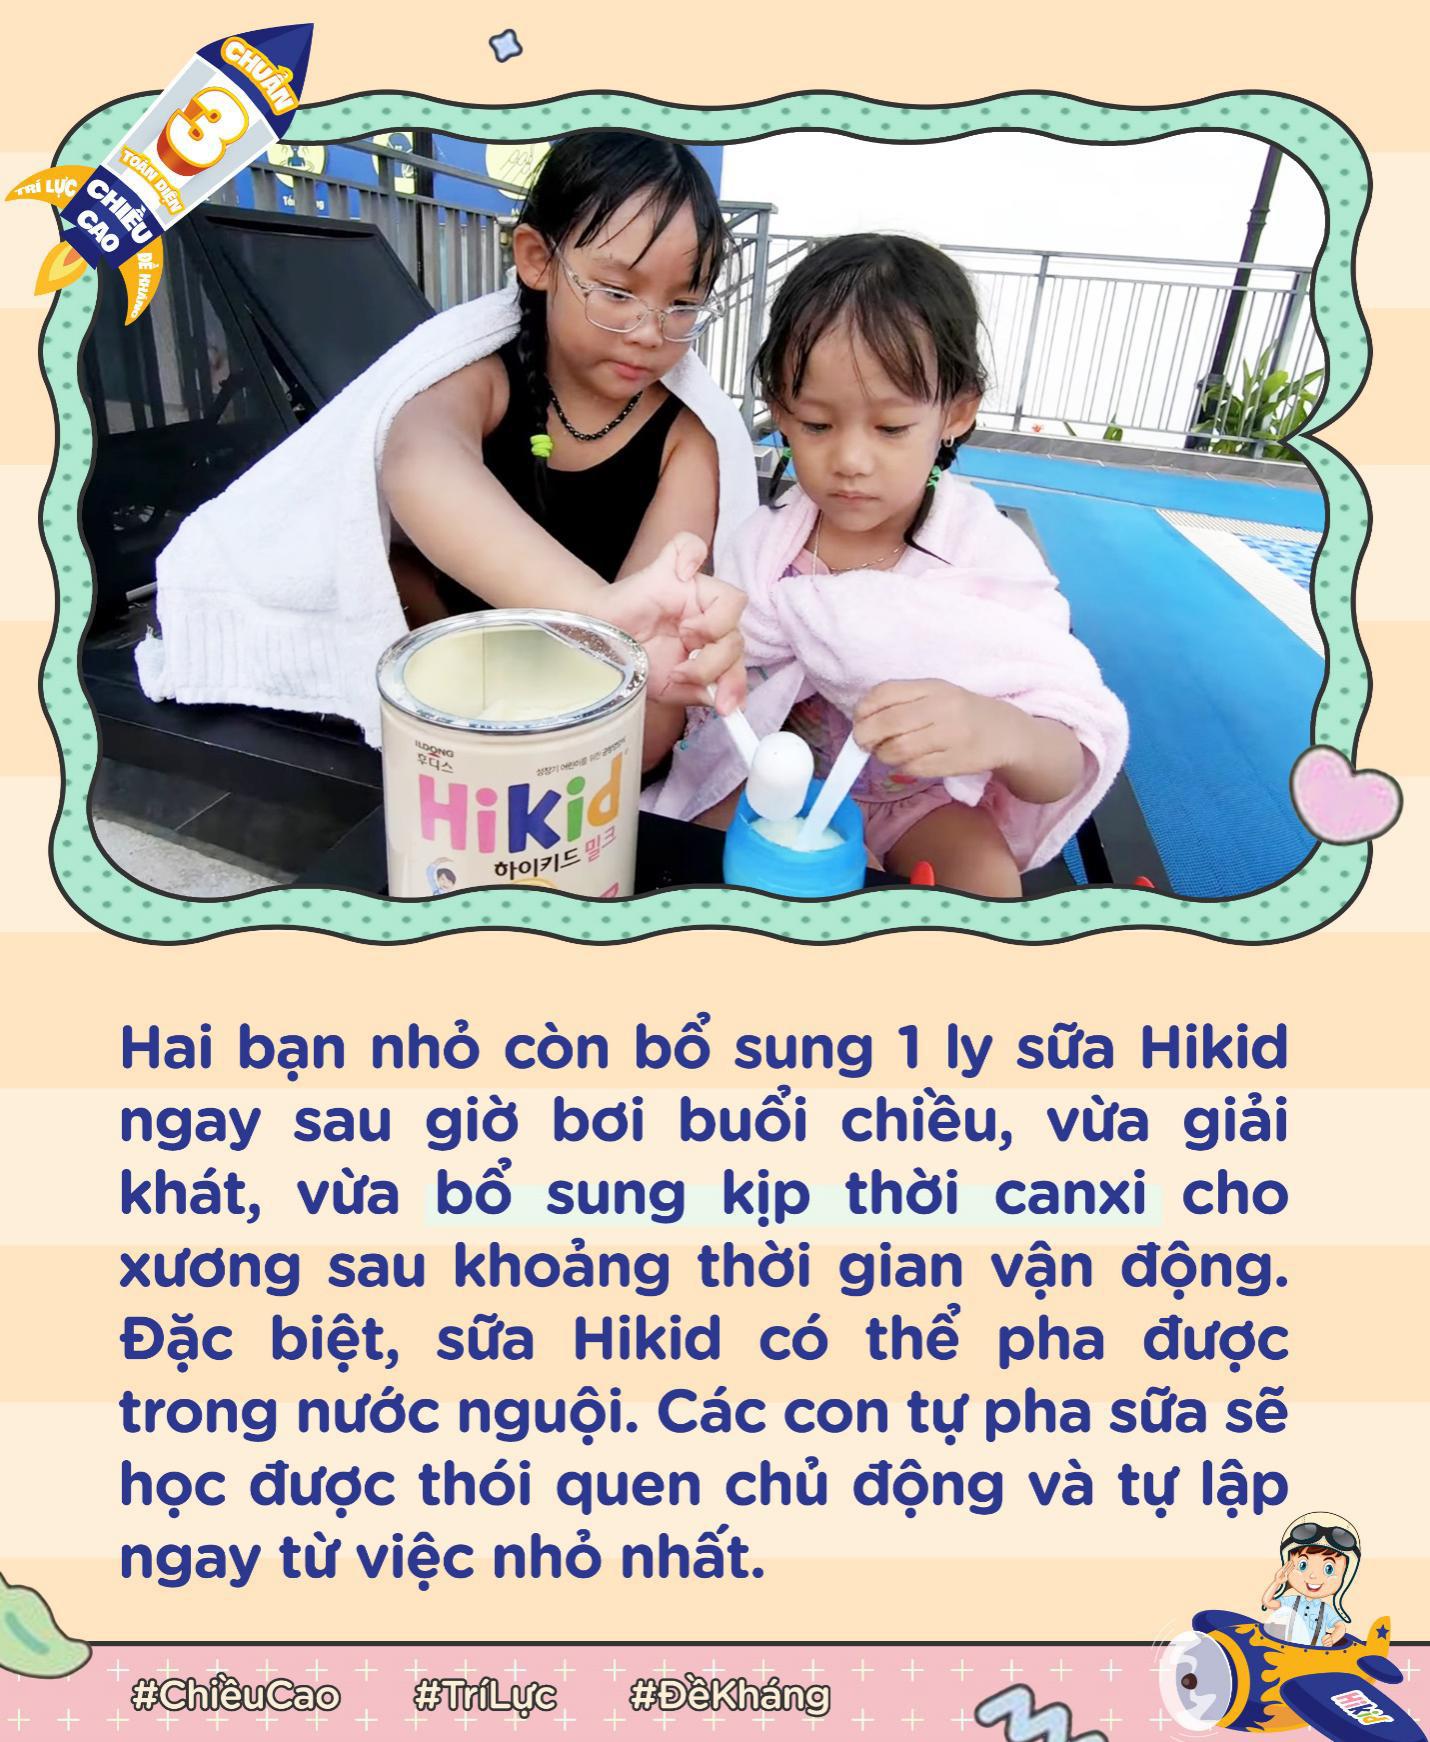 Con cao vượt chuẩn hẳn 10cm, hot mom Rita Trần bật mí cách nuôi con vượt trội - Ảnh 4.